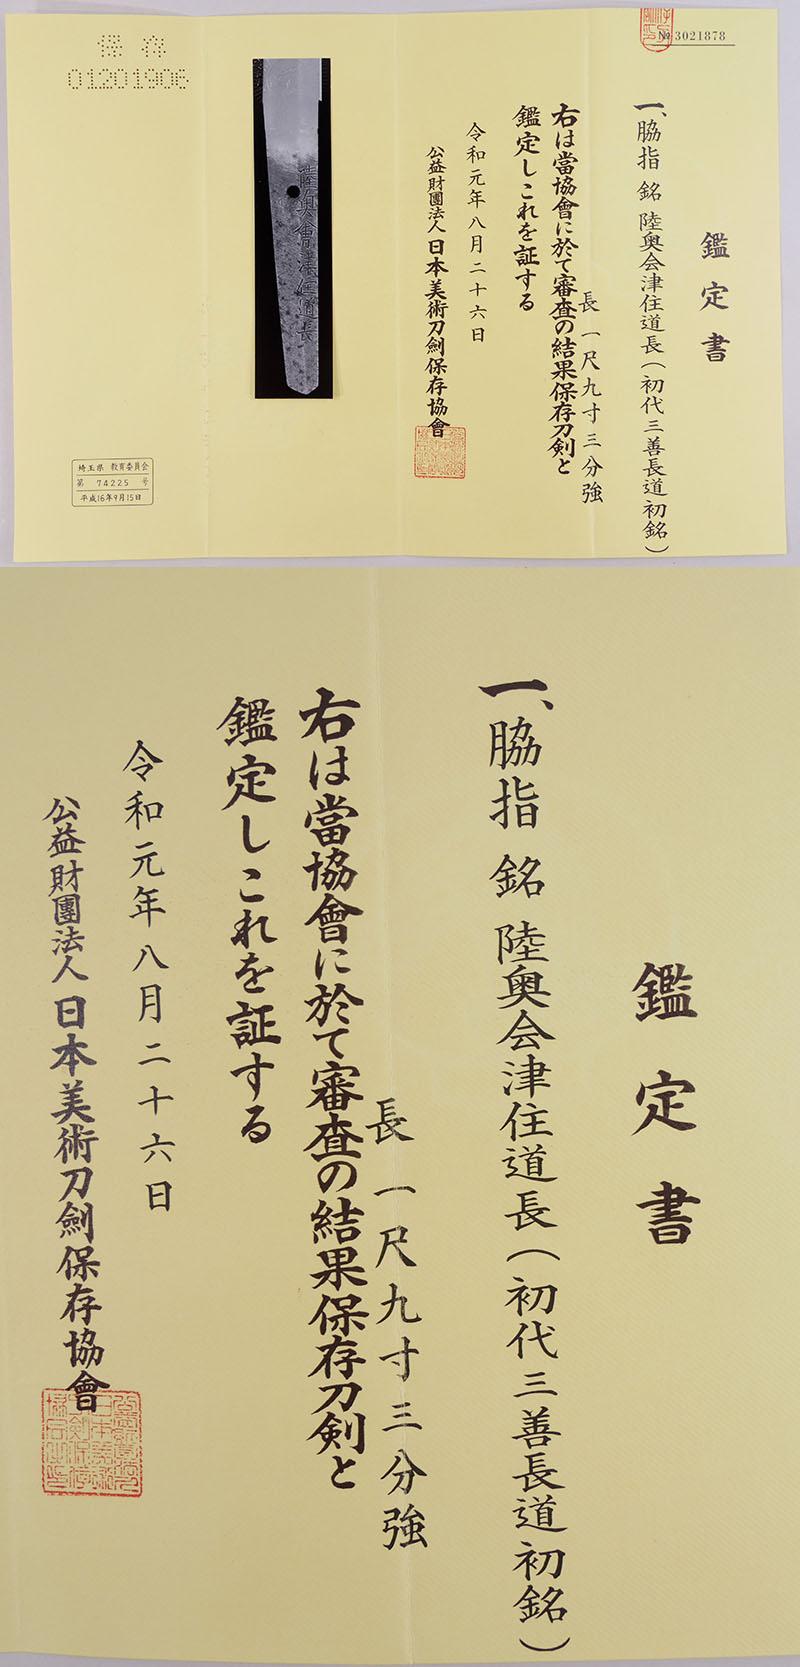 陸奥会津住道長(初代三善長道初銘) Picture of Certificate